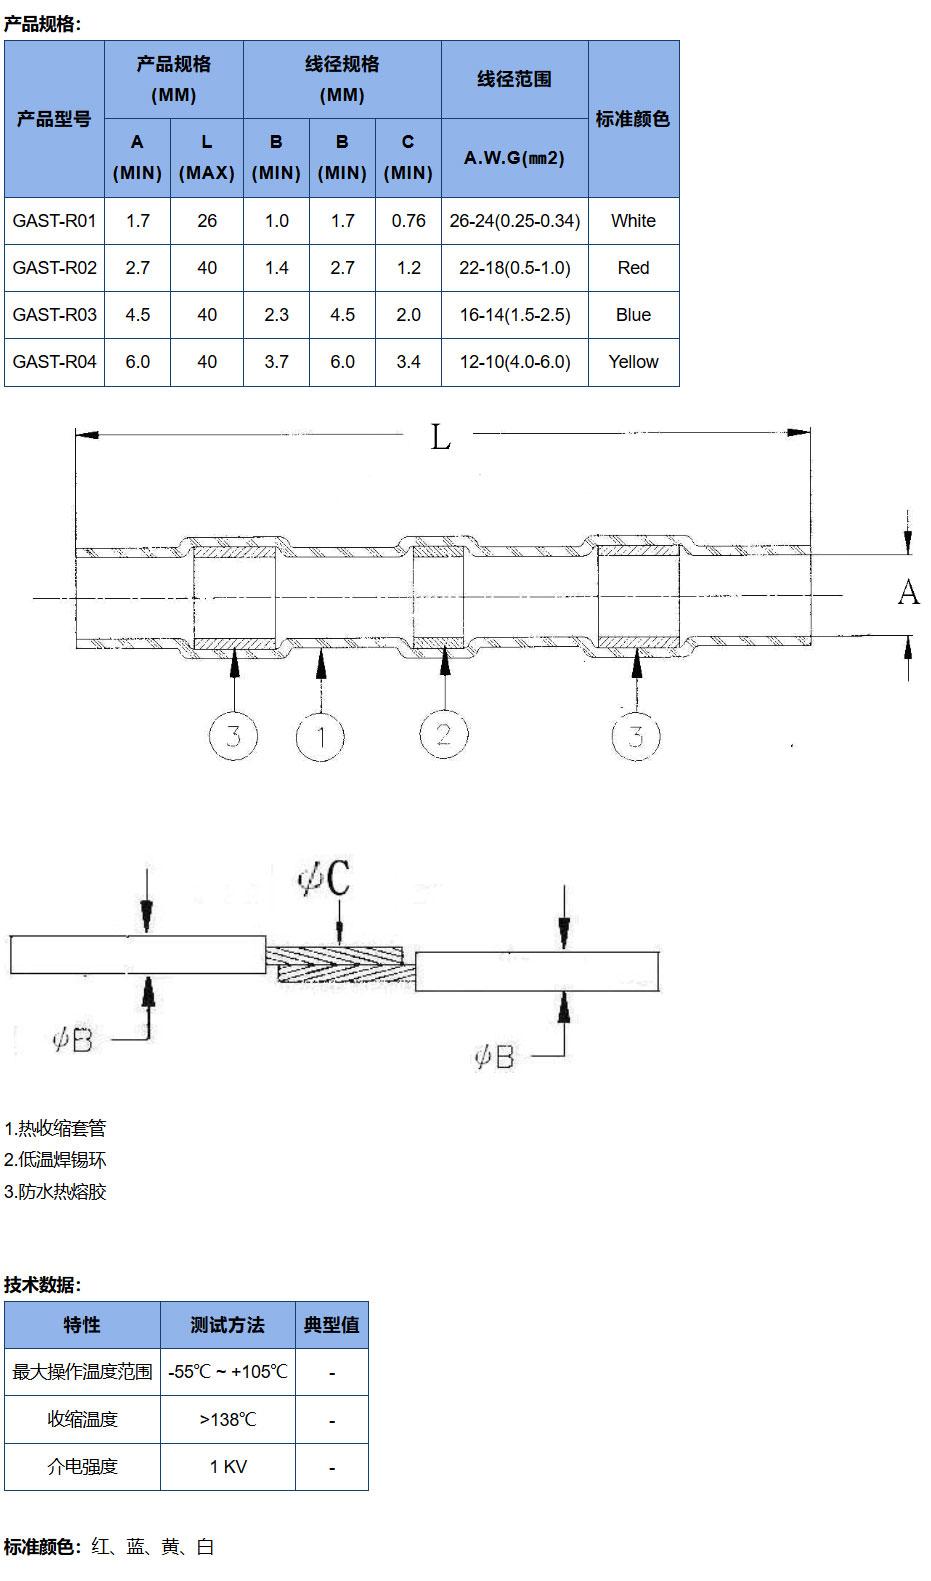 焊锡环热缩套管规格结构图